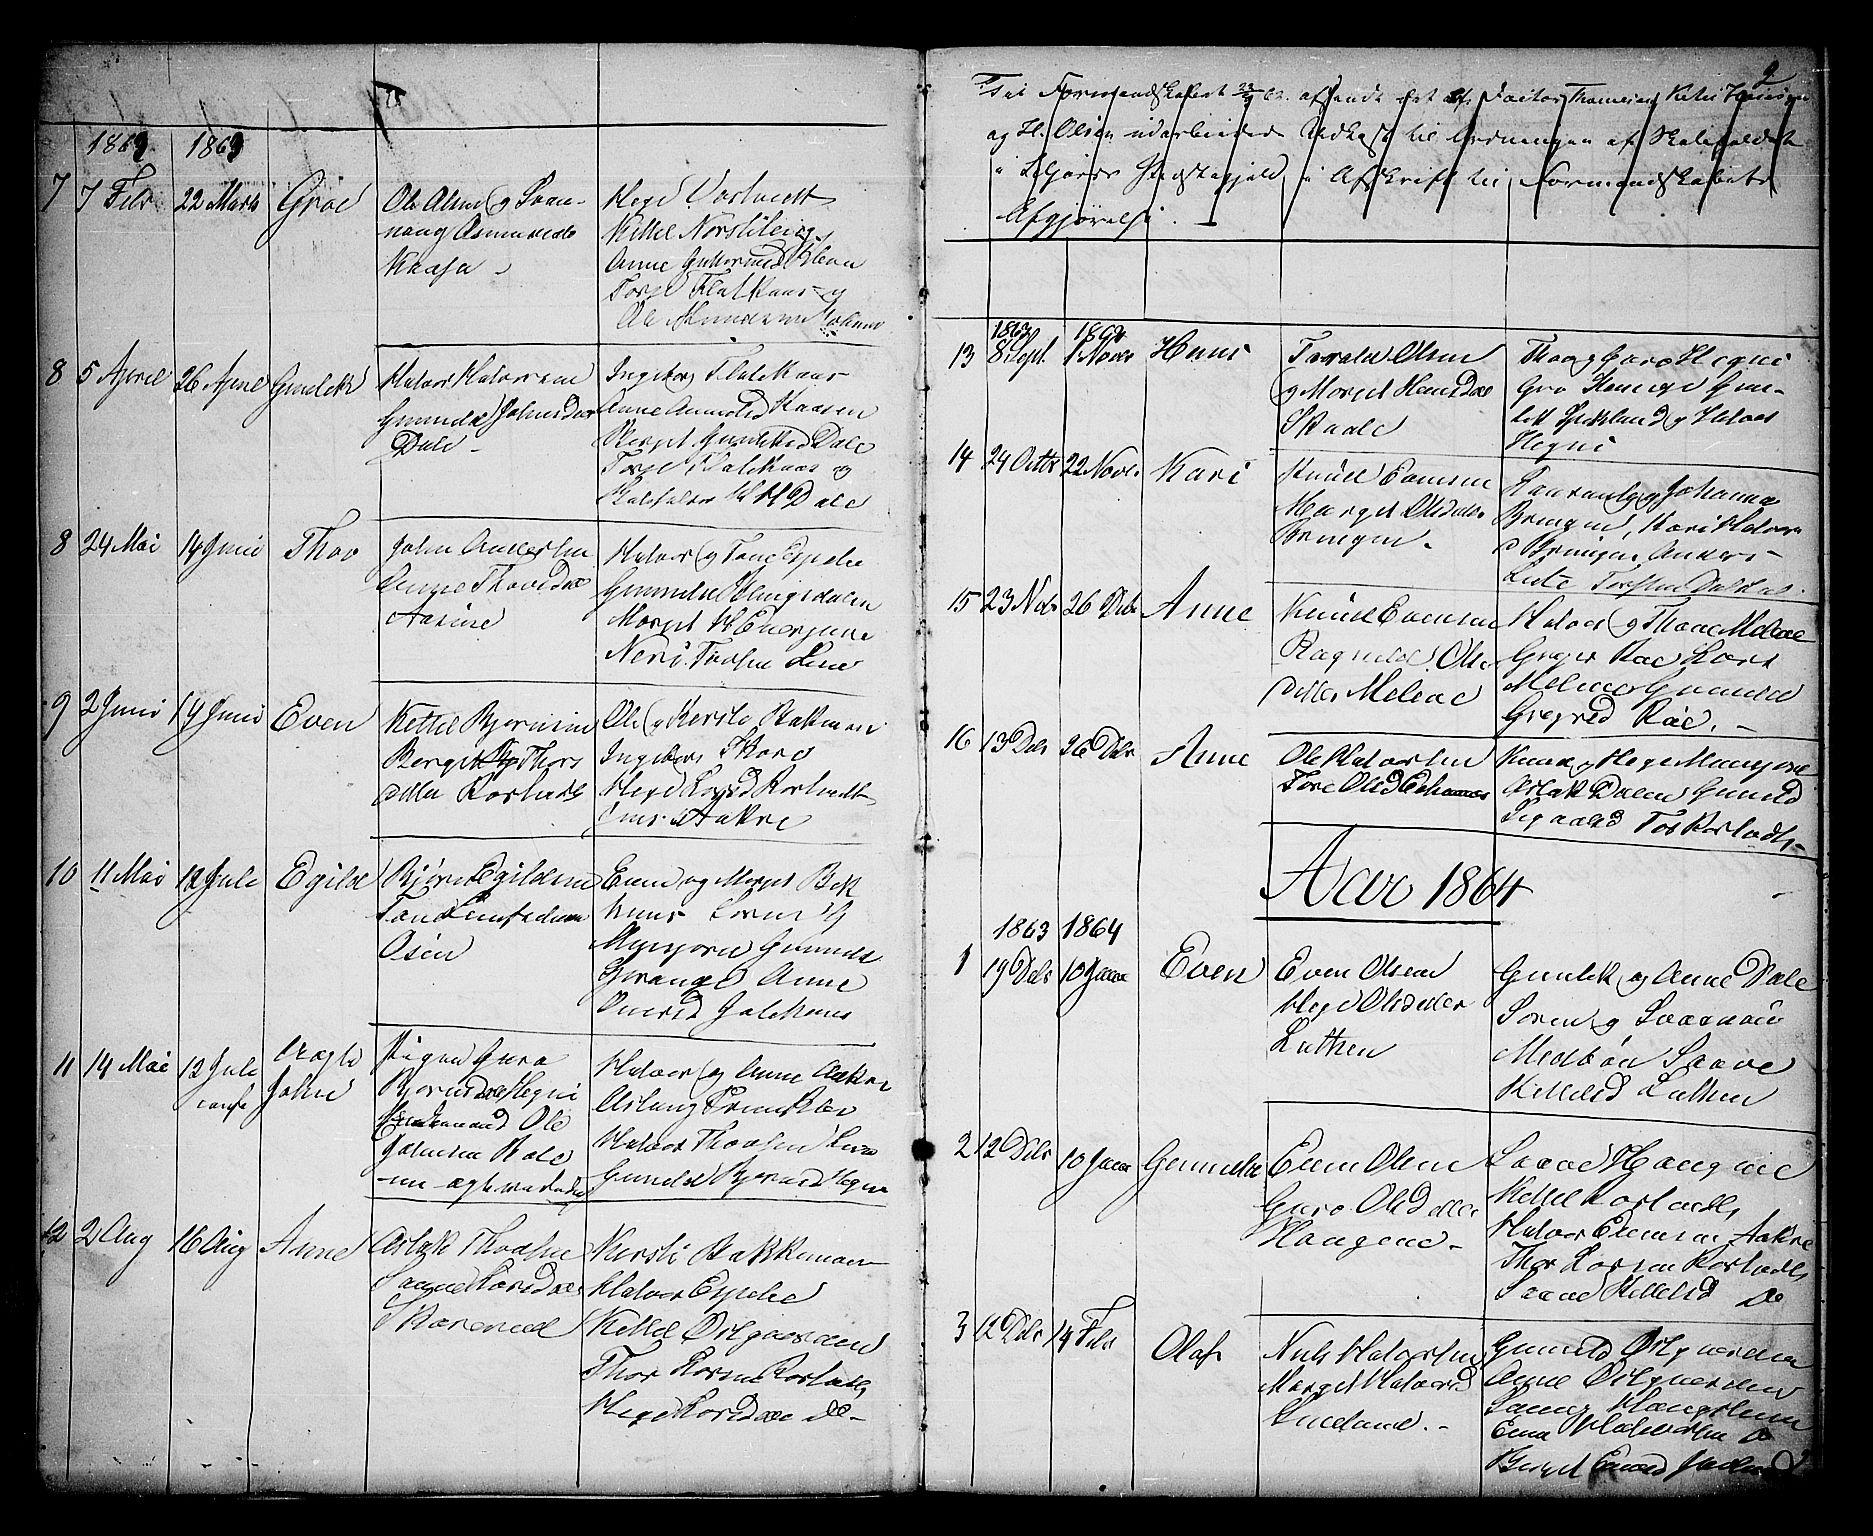 SAKO, Seljord kirkebøker, G/Gb/L0003: Klokkerbok nr. II 3, 1863-1884, s. 2